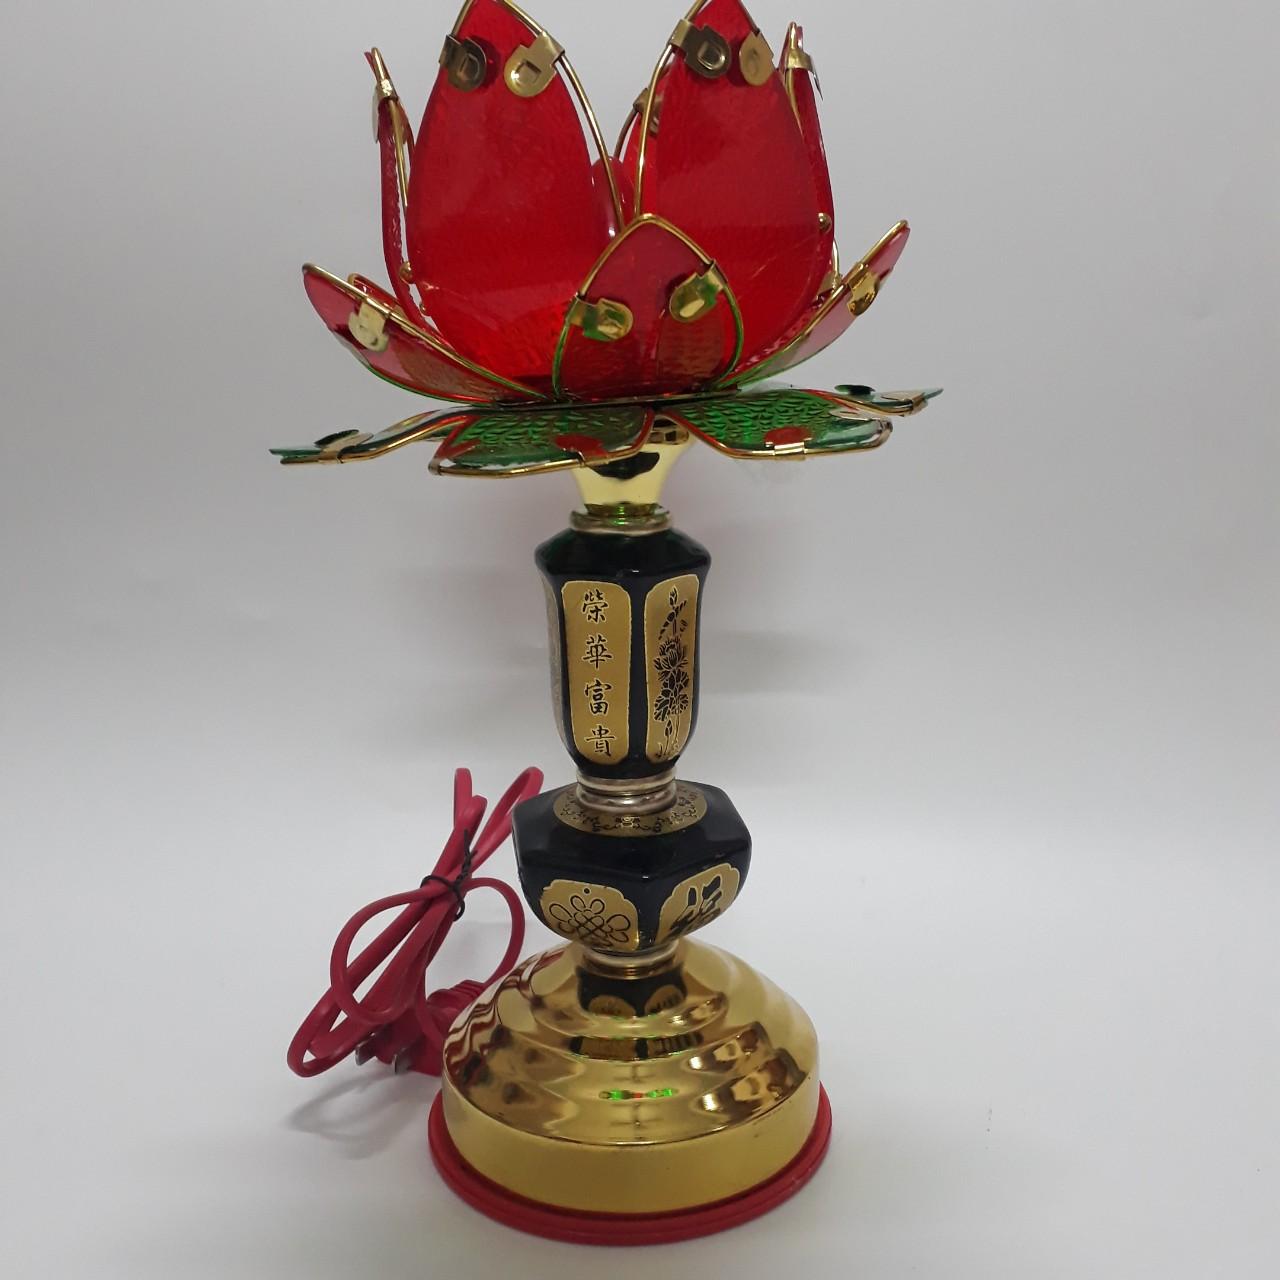 Cặp đèn thờ 1 bông thắp điện